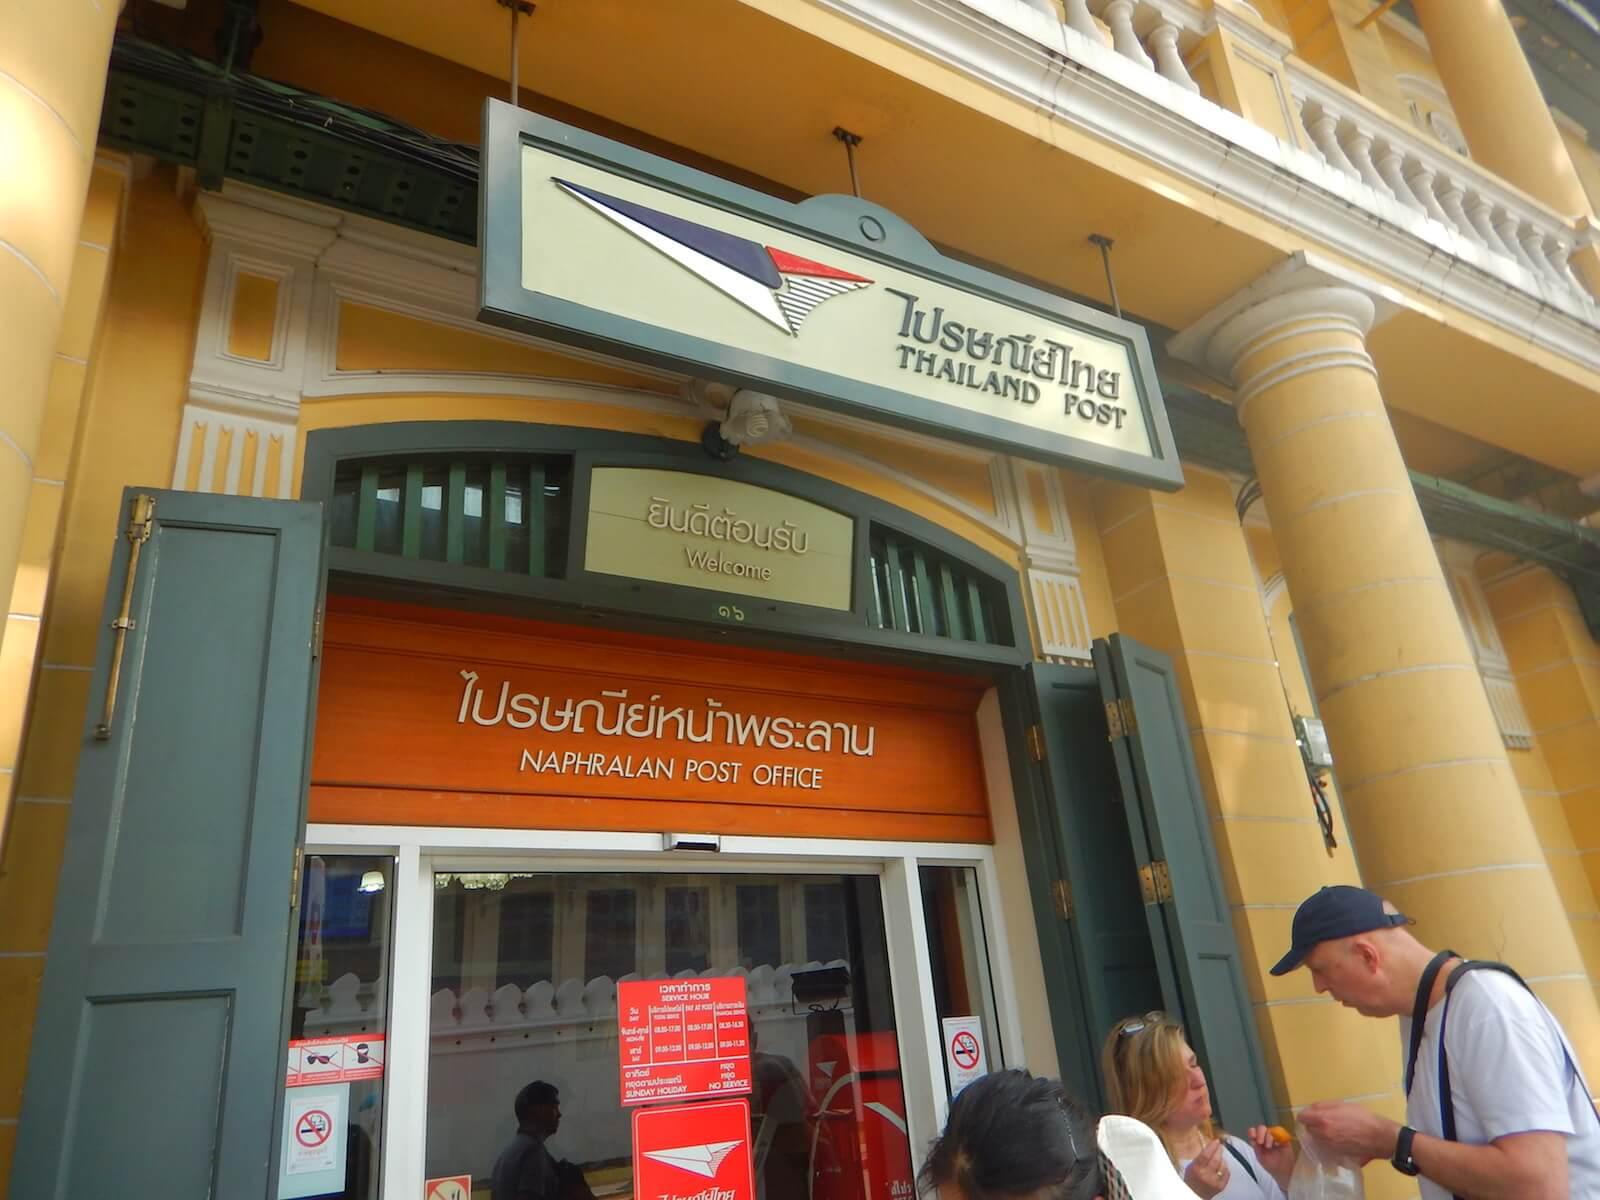 タイの郵便局